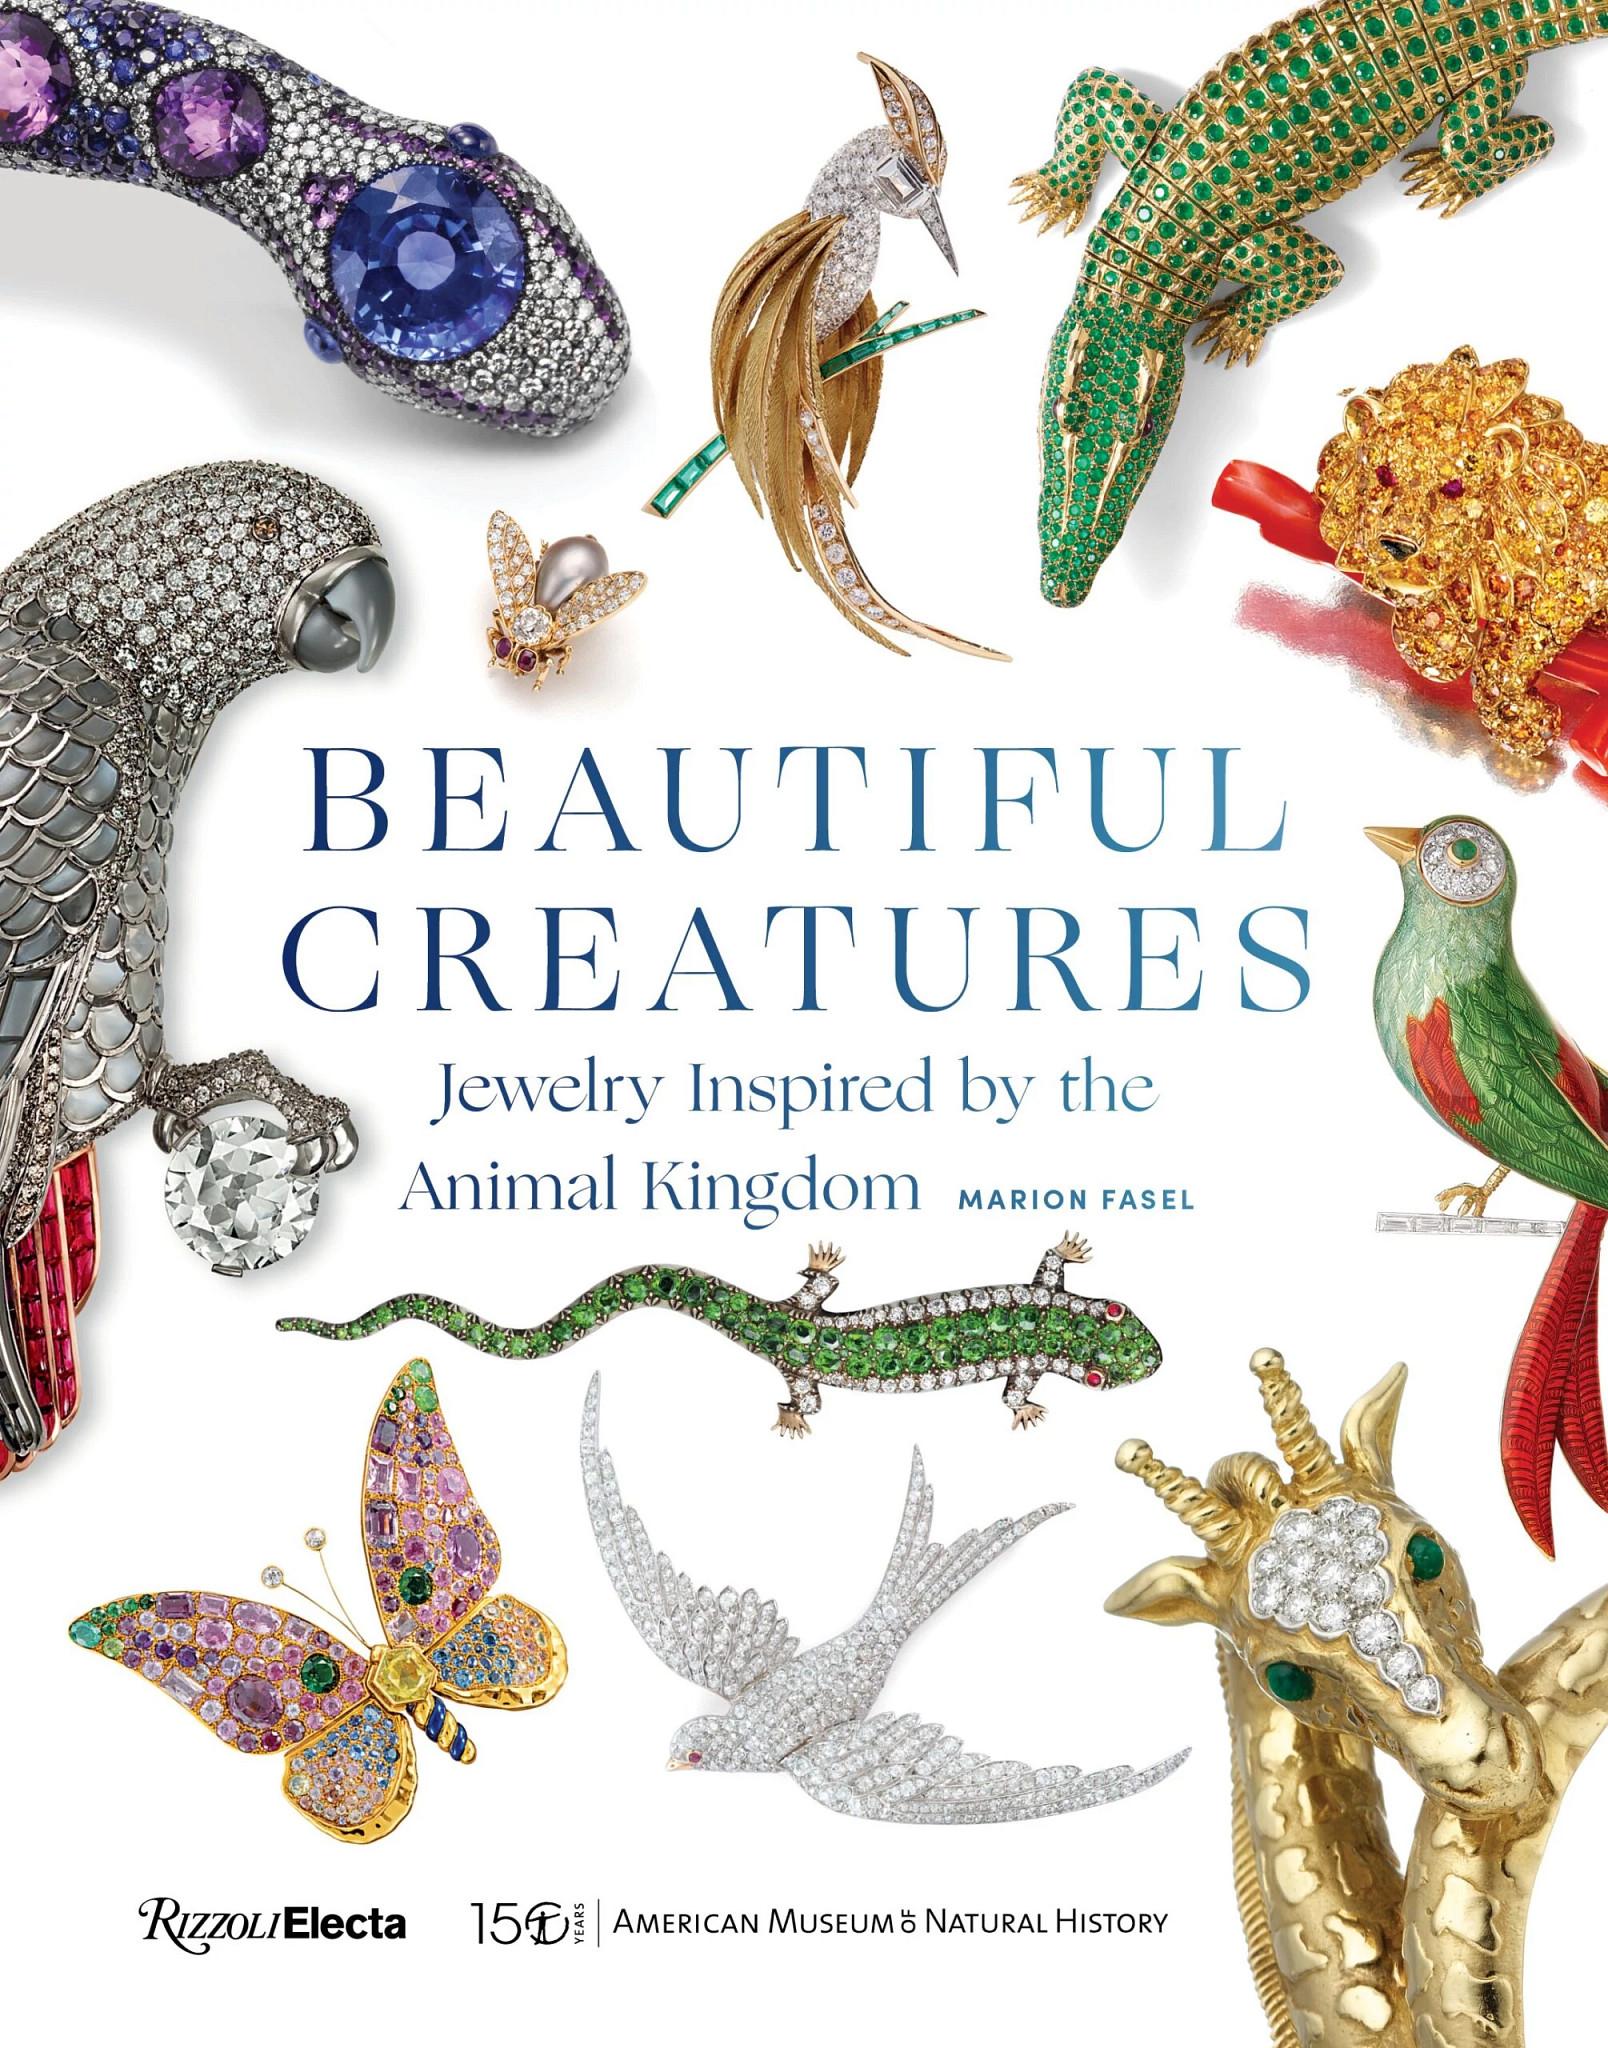 《美丽的生物:受动物王国启发的珠宝》